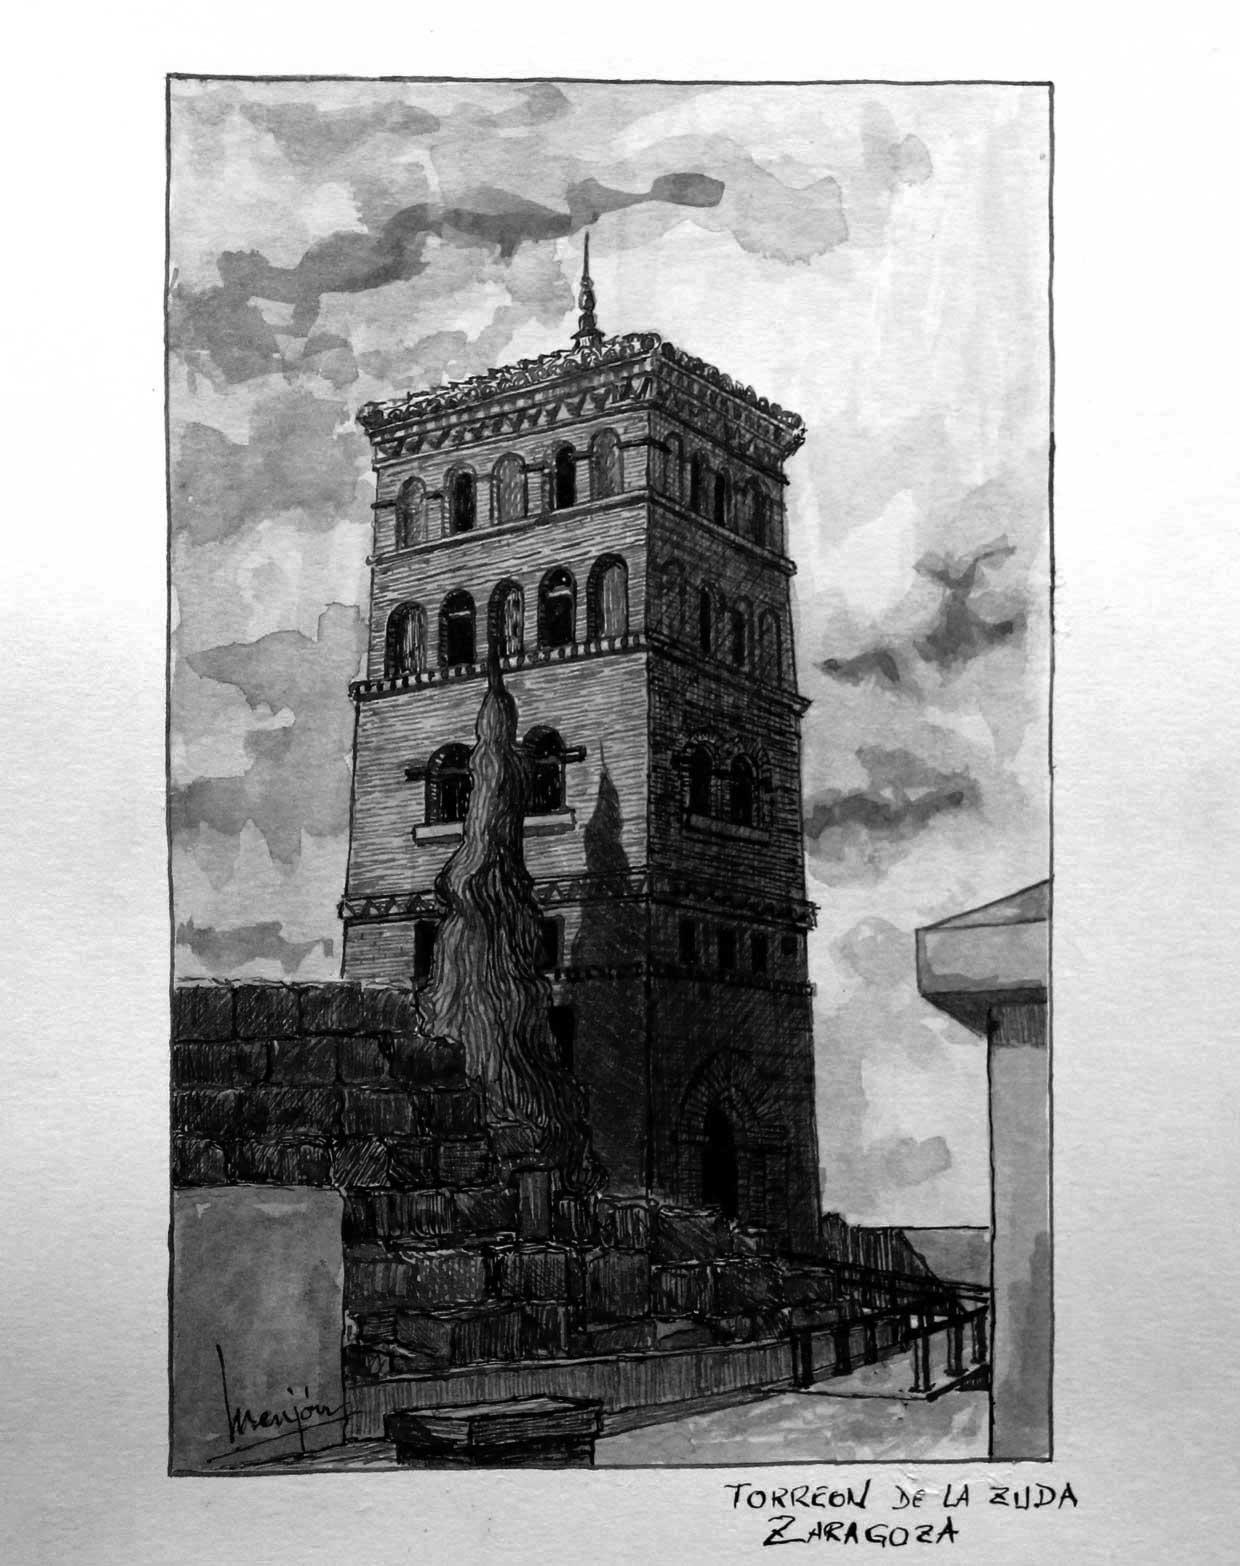 Pintura-Tintas-y-Aguadas-Torreon-de-la-Zuda-Zaragoza-BN-91x115cm